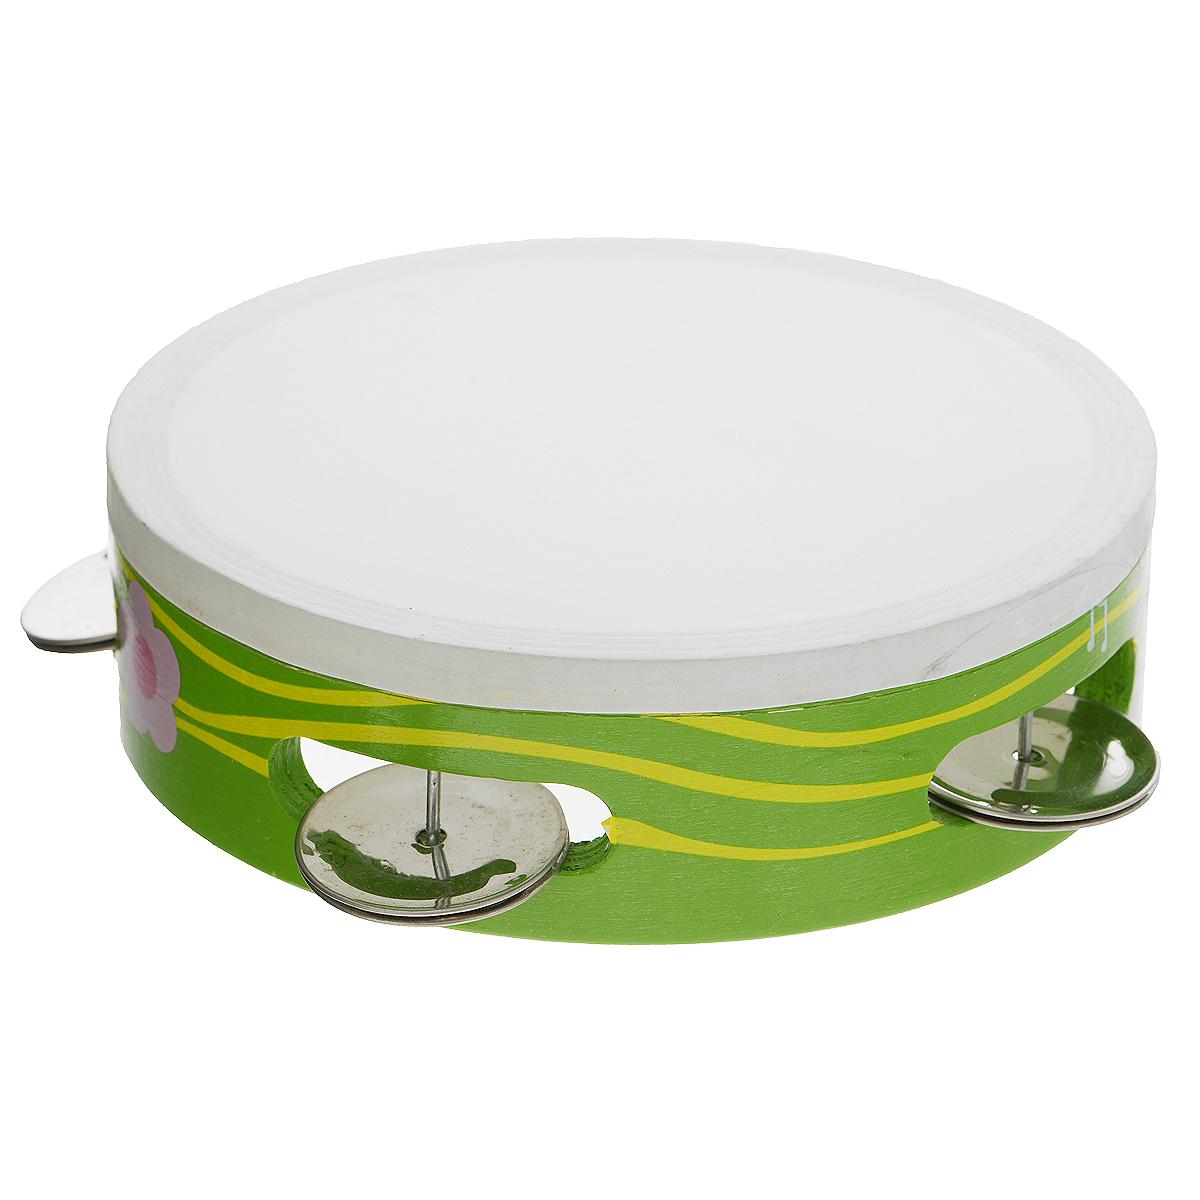 Музыкальная игрушка Бубен, цвет: зеленый. Д212_зеленыйД212_зеленыйМузыкальная игрушка Бубен состоит из деревянного корпуса с ярким рисунком в виде нот, цветка и пчелки и железных дисков, звенящих при ударе и движении инструмента. Бубен издает приятный громкий звон, который непременно понравится ребенку. С помощью этого инструмента вы сможете устроить веселый концерт и порадовать своих родных и друзей. Музыкальная игрушка Бубен поможет вашему ребенку развить чувство ритма, а также привить малышу любовь к музыке.